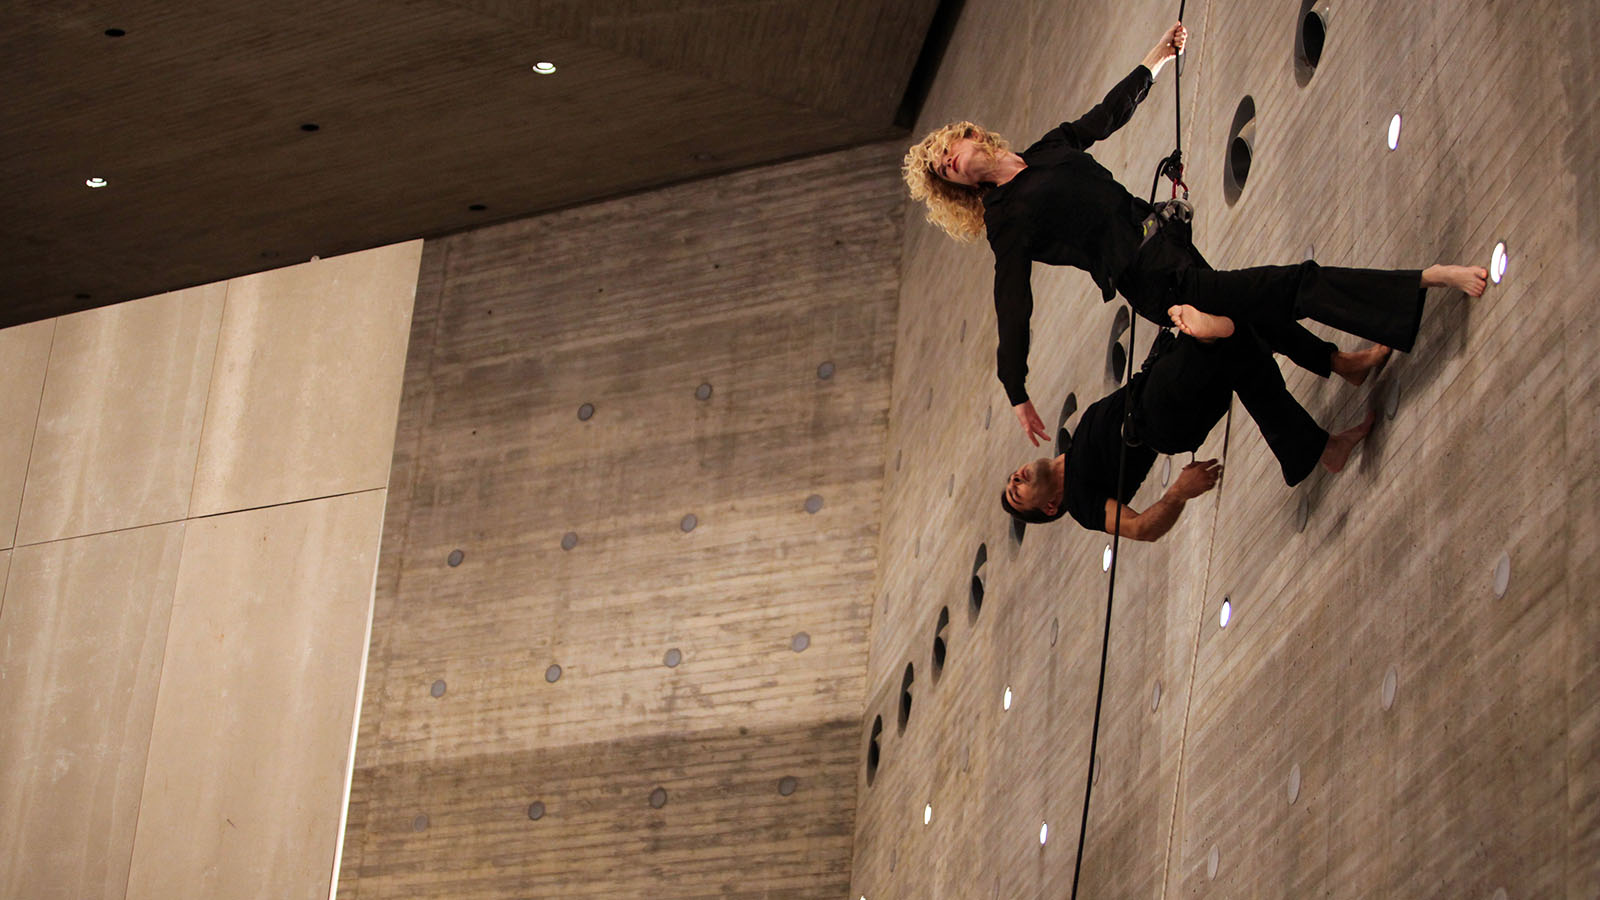 Durante los primeros días de inauguración del C3A, se desarrolló una programación en torno al movimiento que transitaba entre piezas dancísticas y circenses.